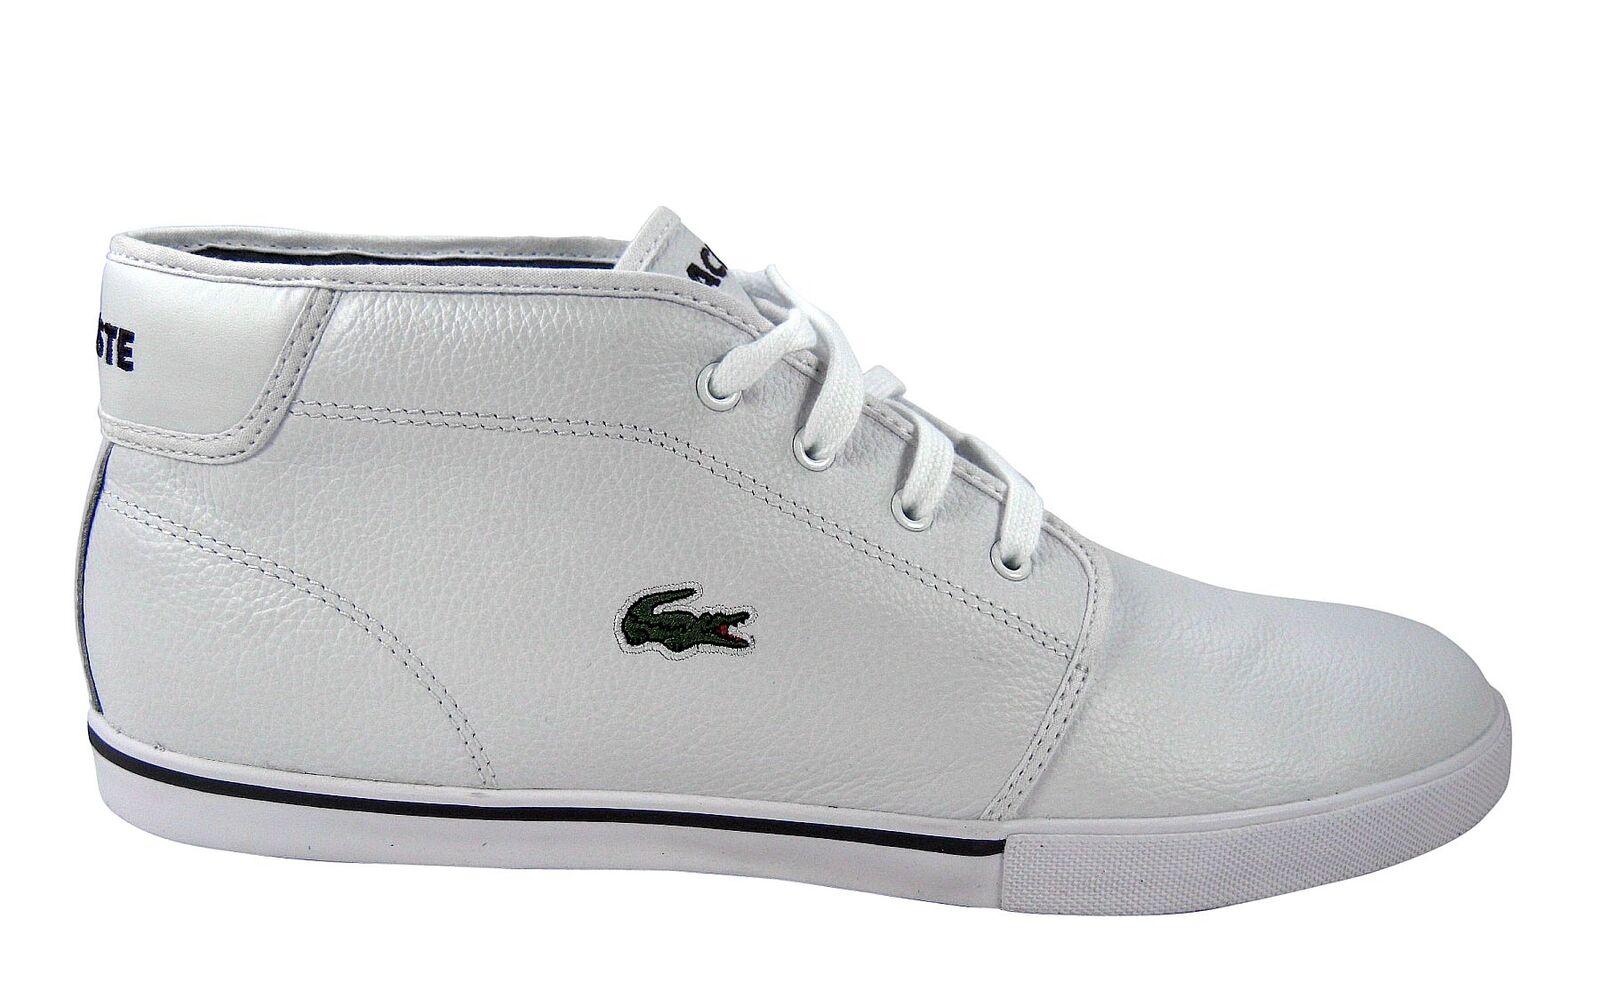 Lacoste ampthill tl SPM zapatos/zapatilla cuero White talla 39.5